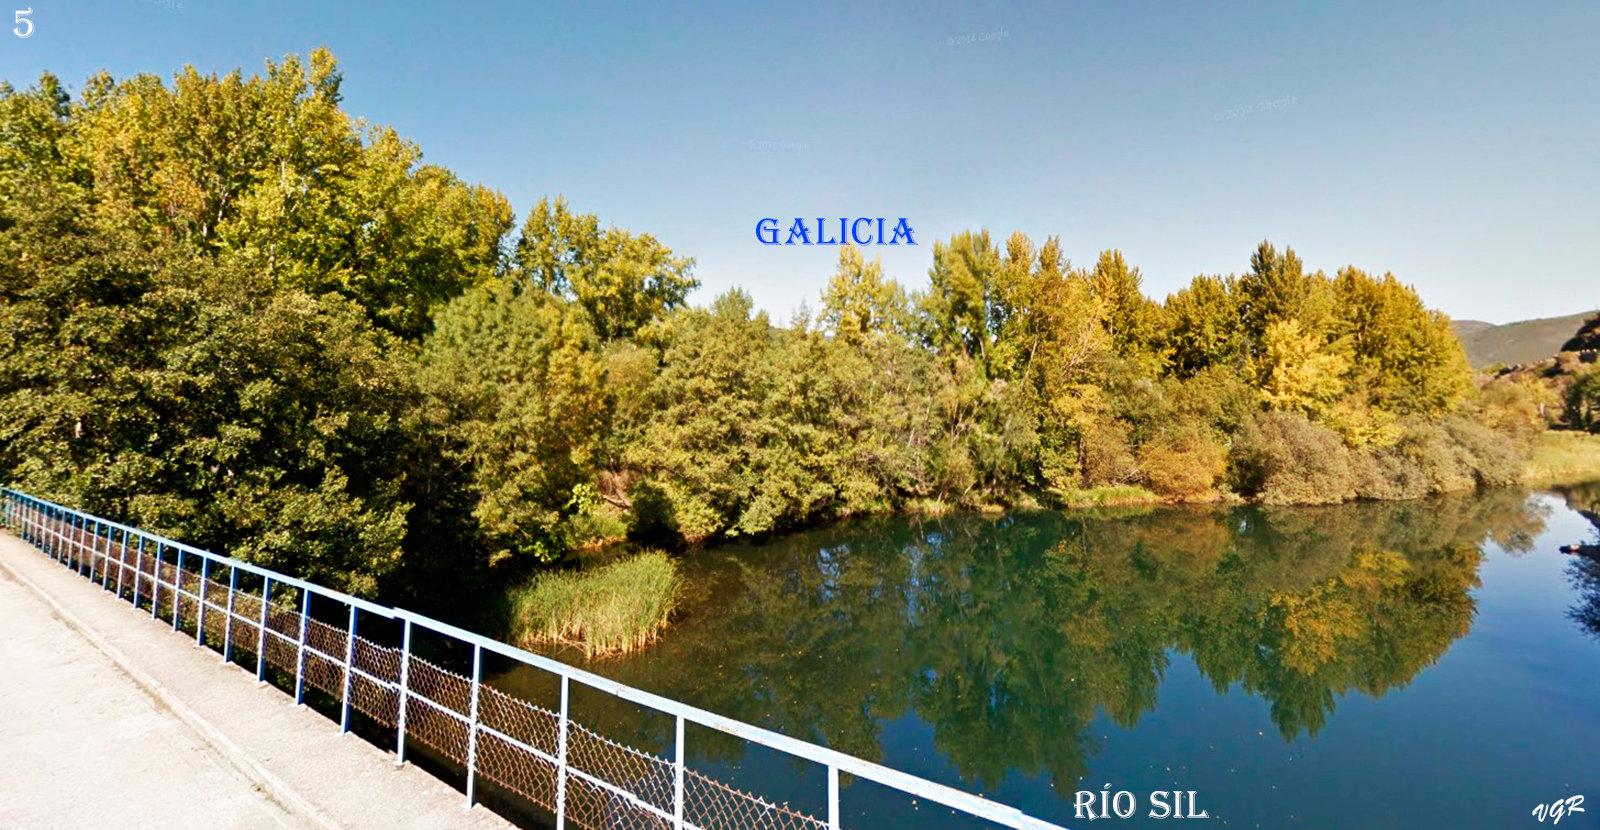 05-Entrada en Galicia-WEB.jpg